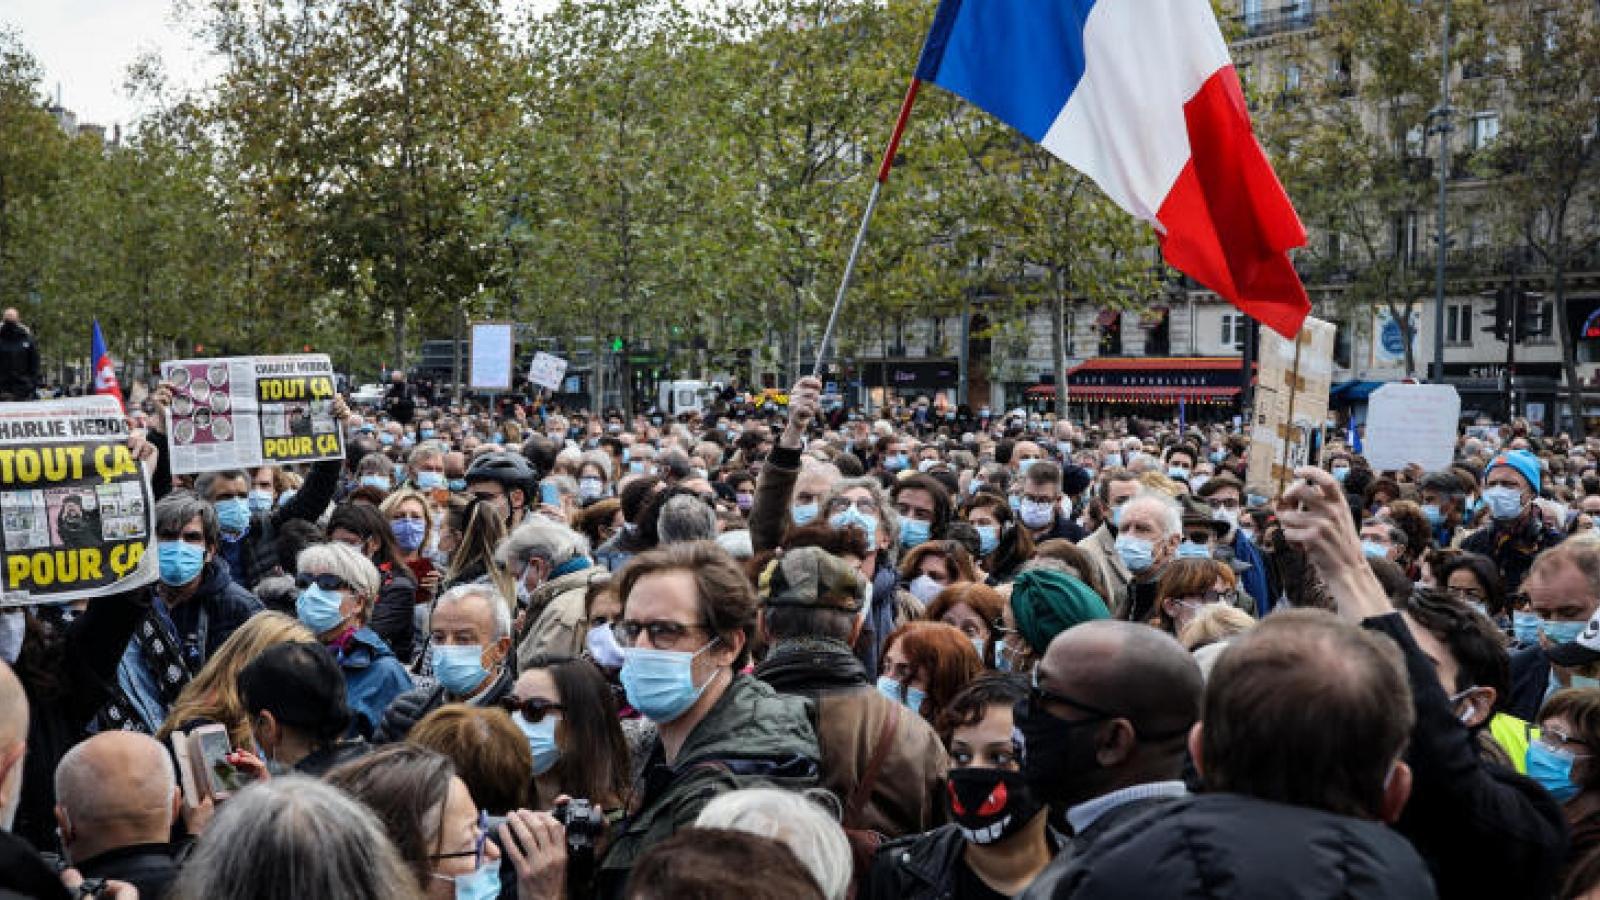 Bất chấp Covid-19, hàng chục nghìn người ở Pháp tuần hành tưởng niệm nạn nhân khủng bố